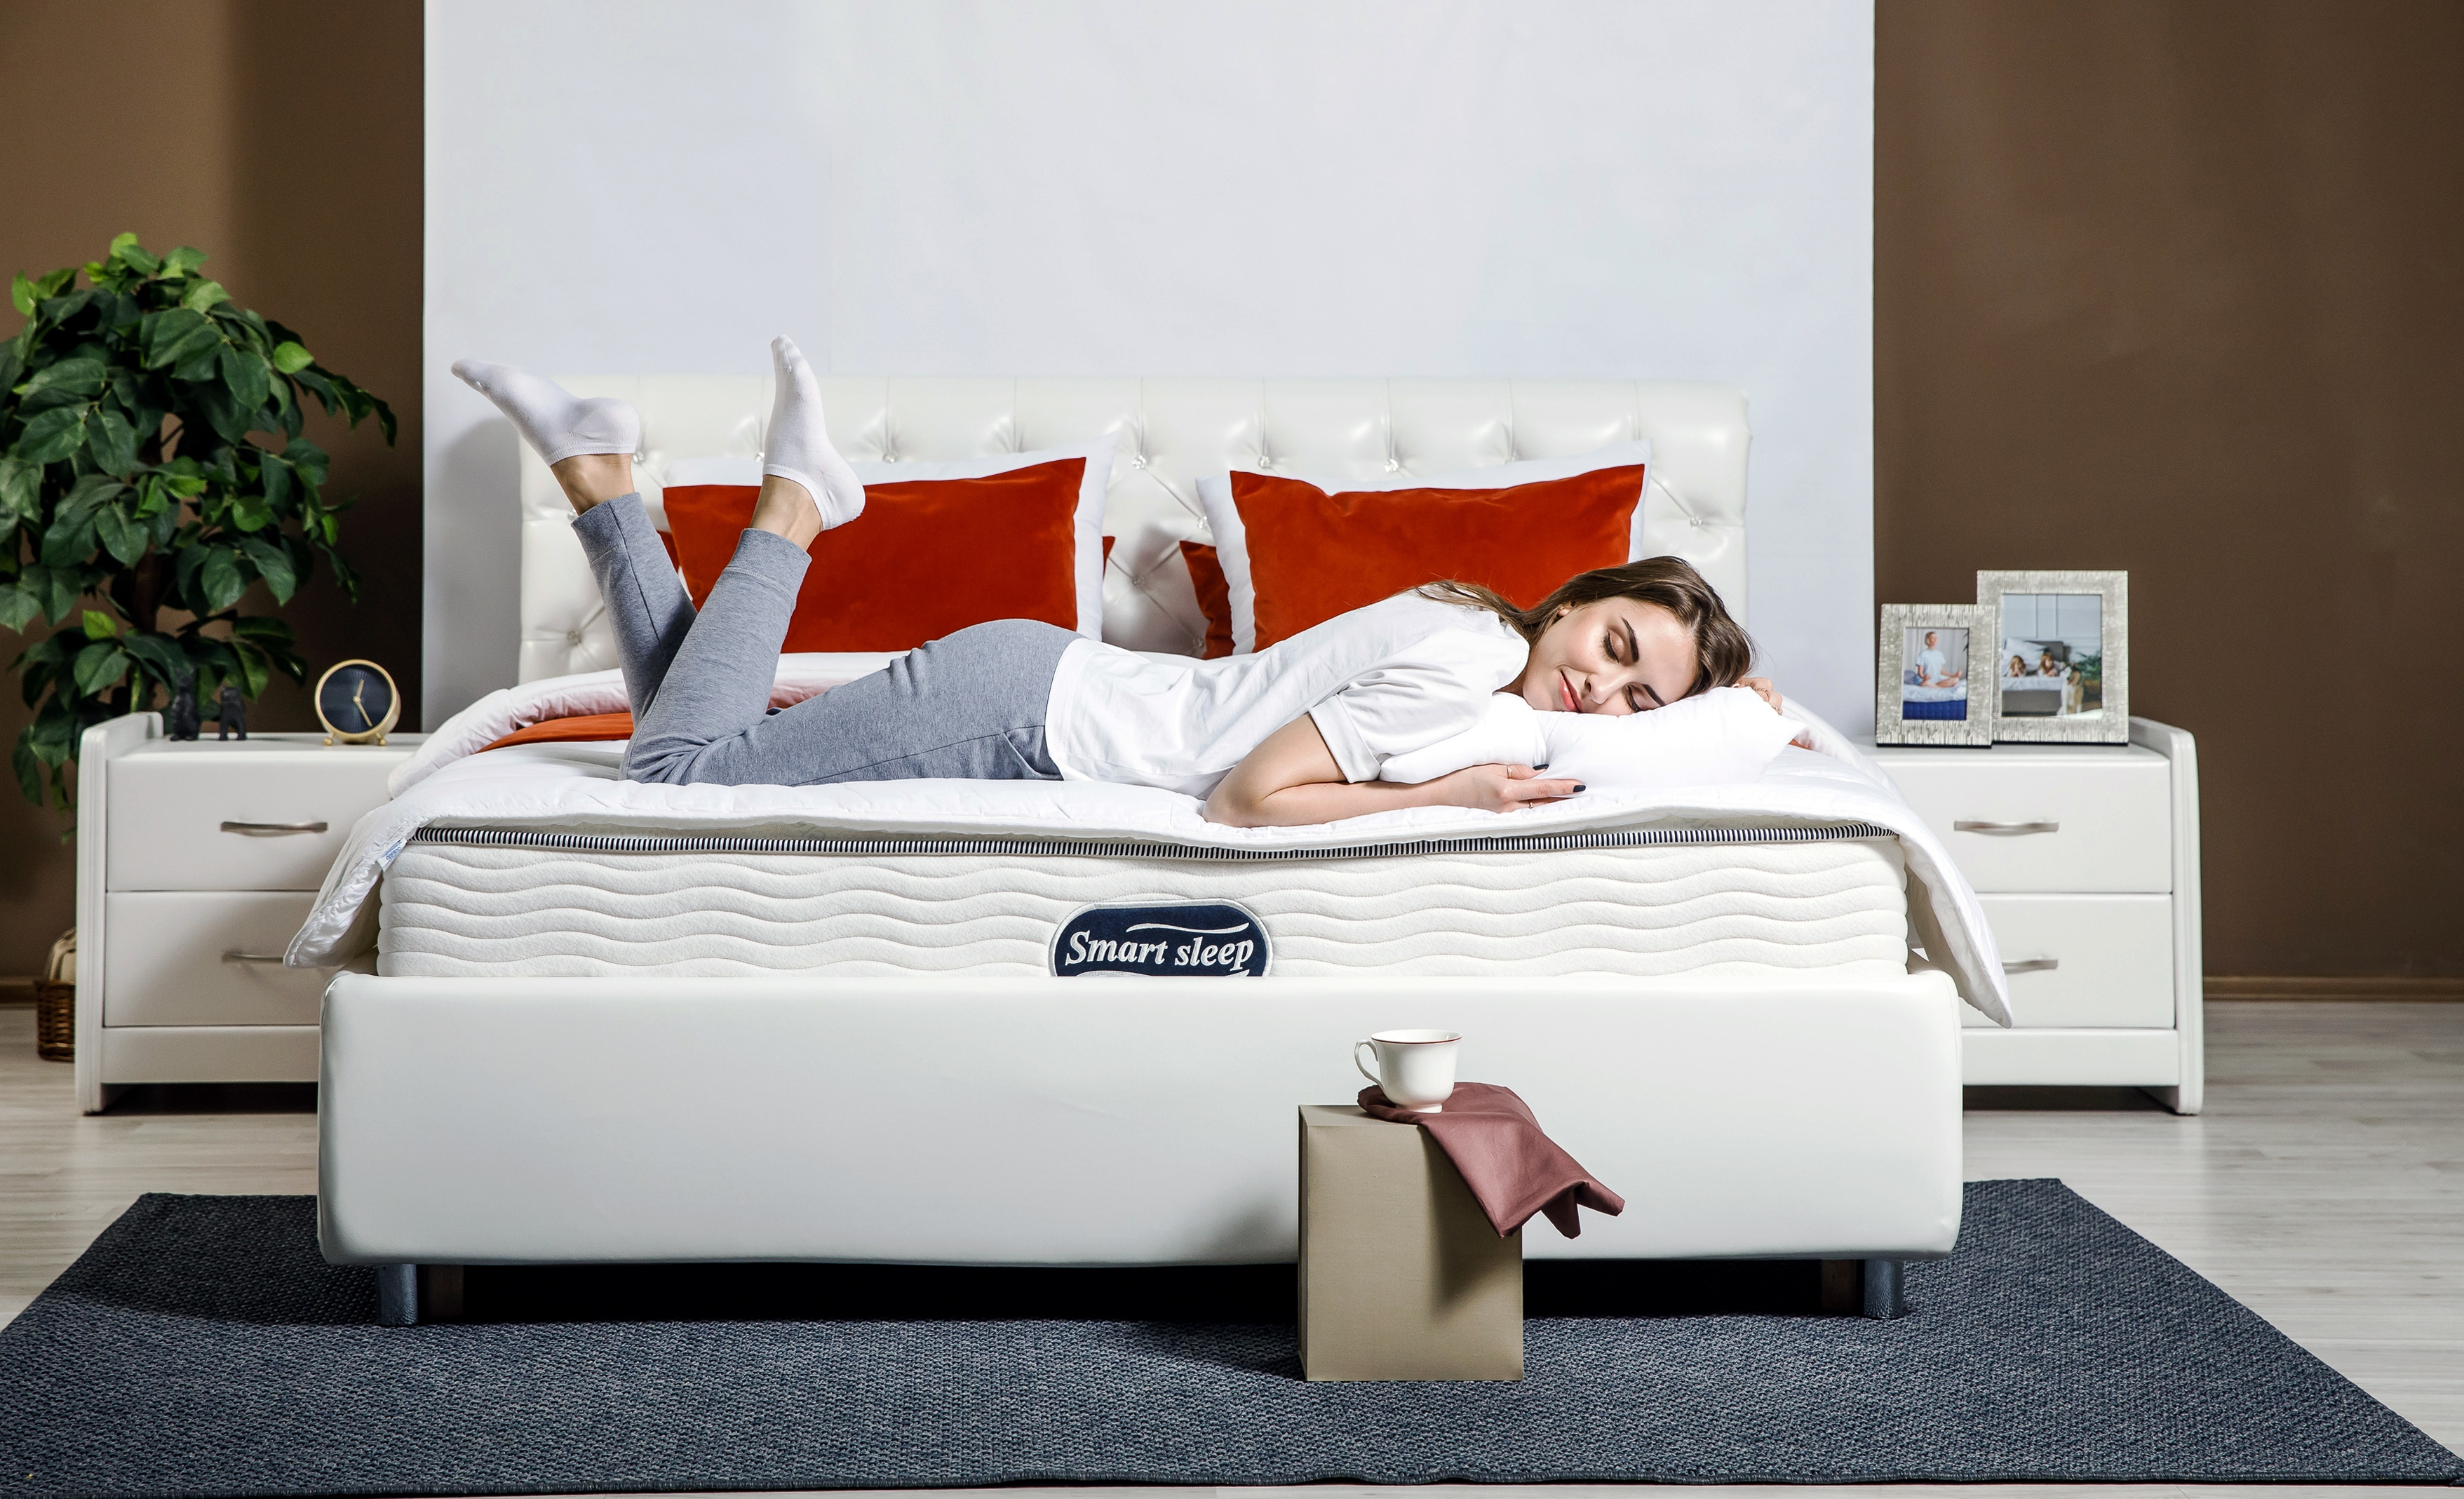 Как спальная система помогает избавиться от рефлюкса